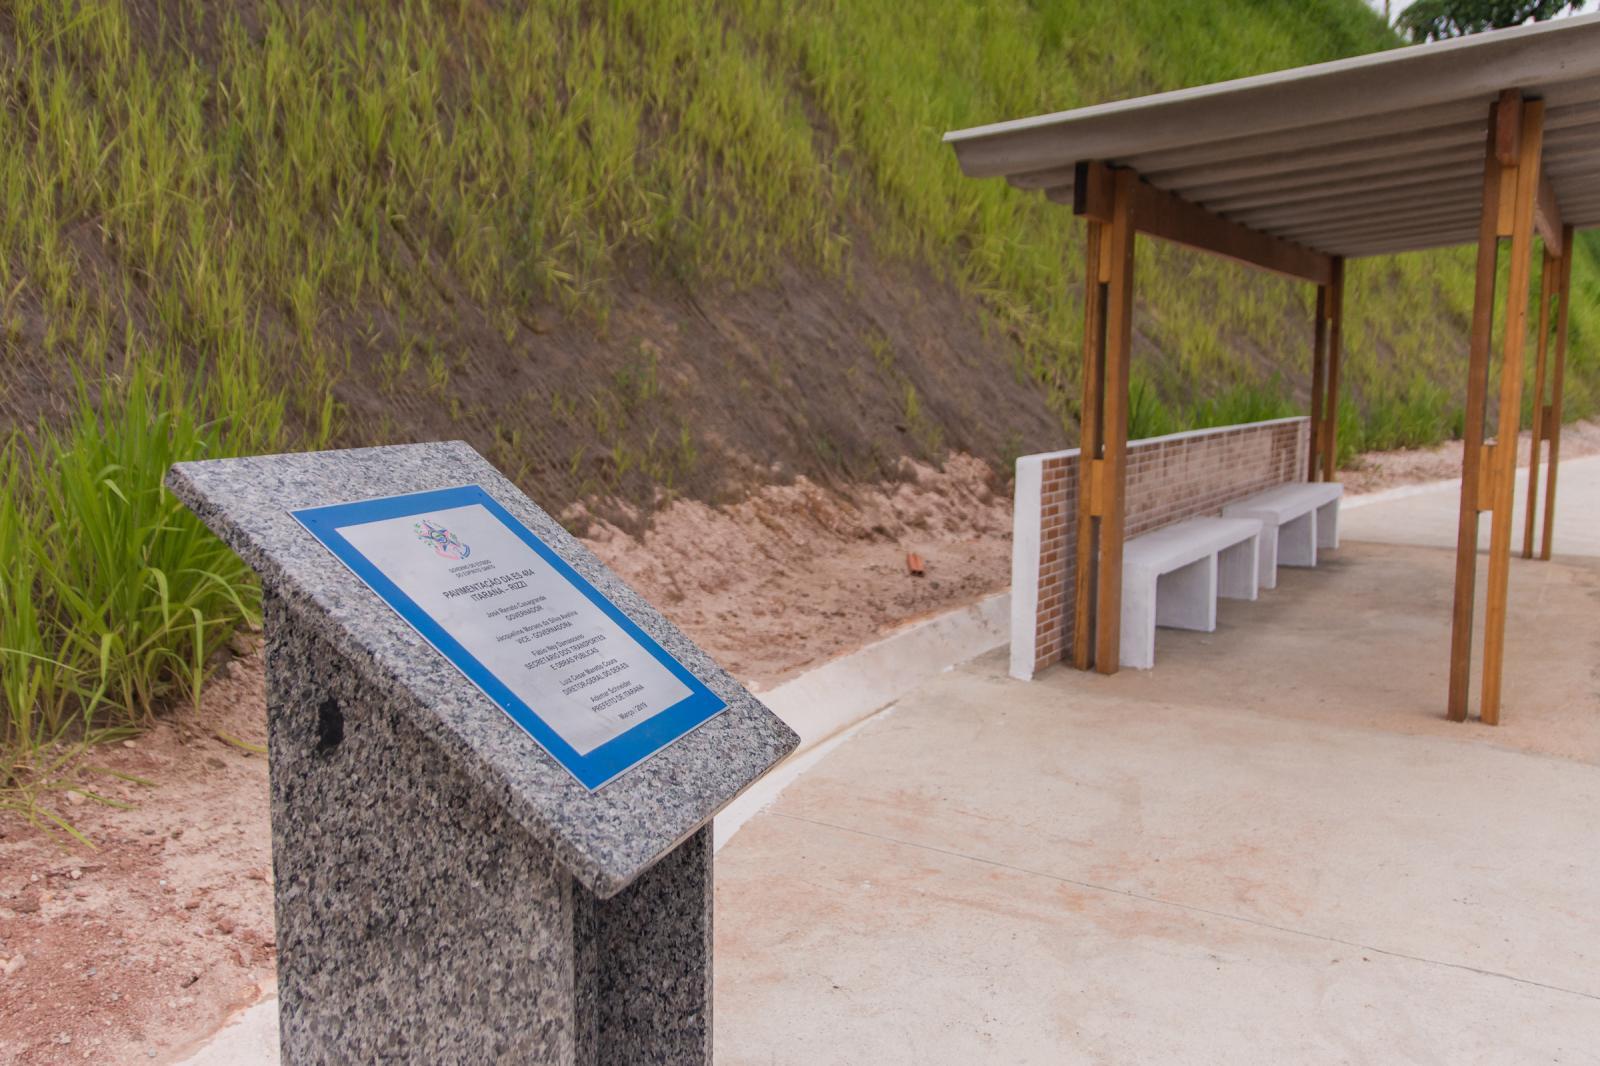 Inauguradas as obras de pavimentação e drenagem da sede até o Rizzi